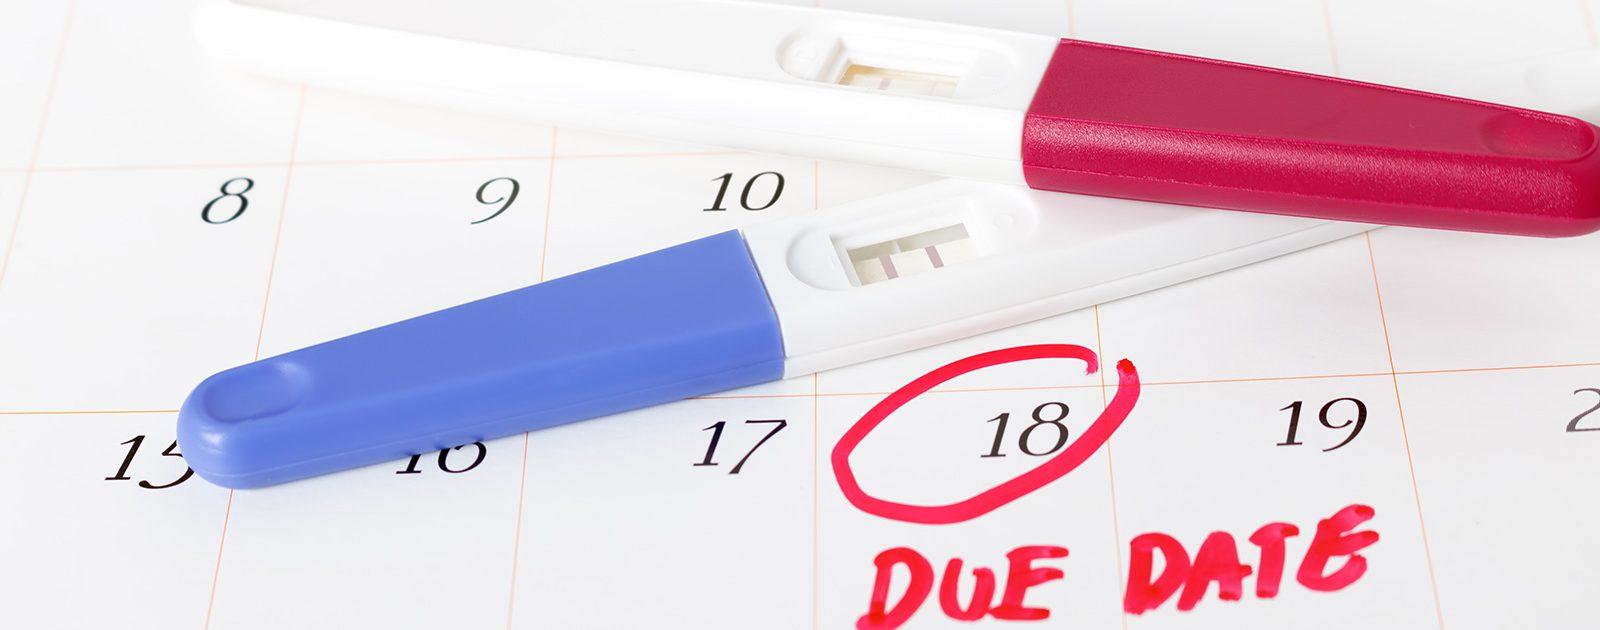 Um schwanger zu werden, markiert sich eine Frau ihre fruchtbaren Tage im Kalender